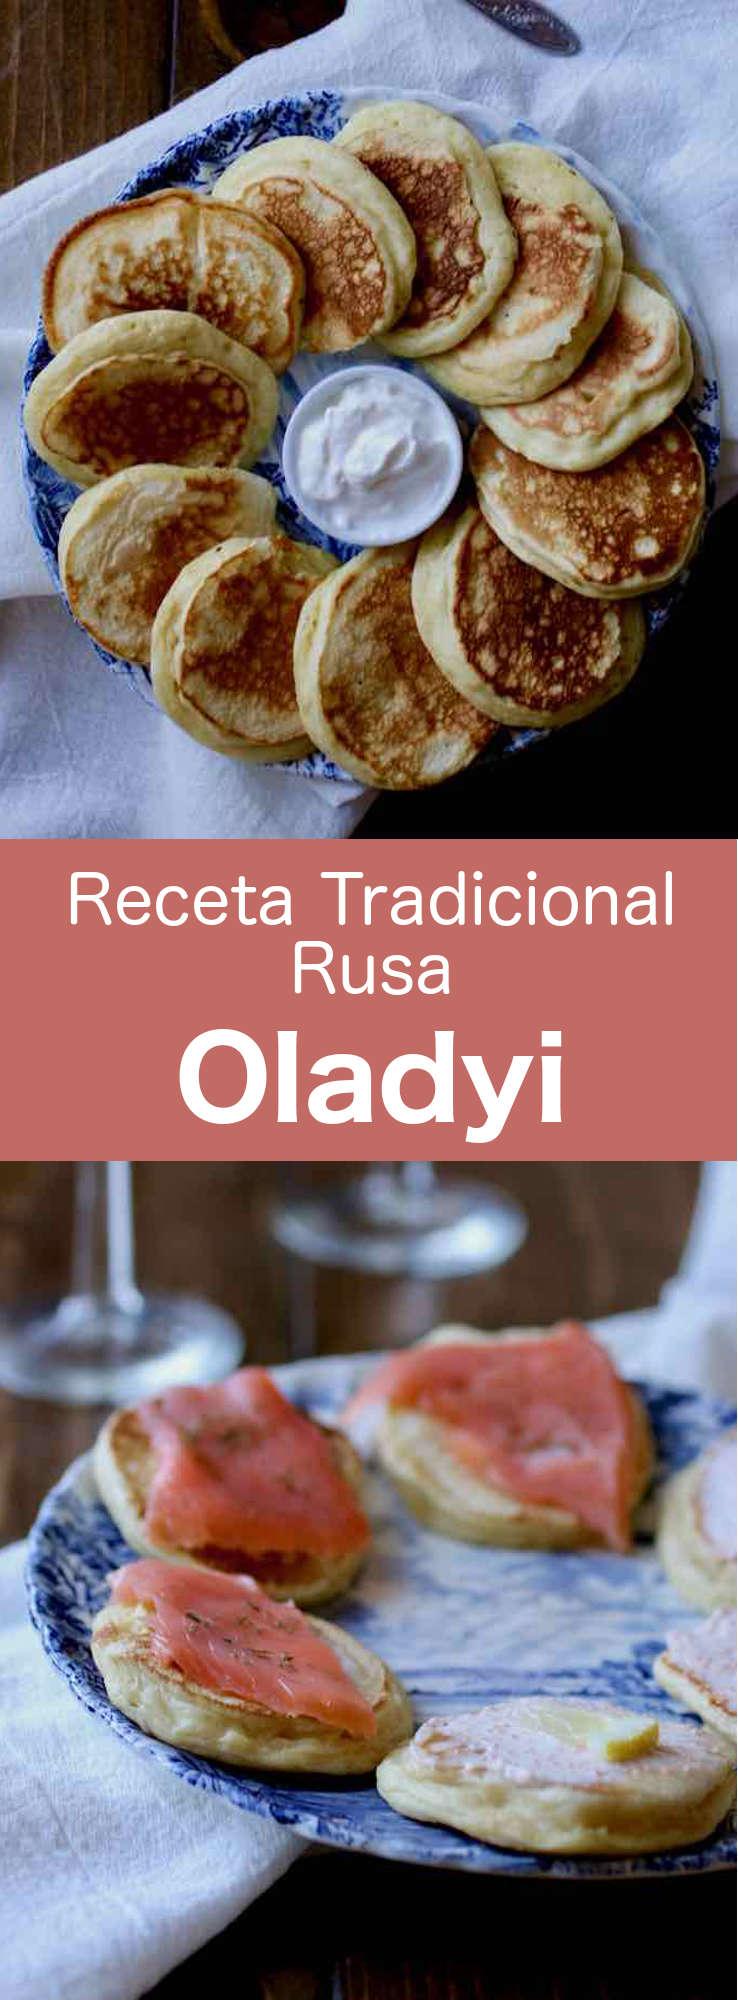 Los oladyi son pequeños panqueques gruesos, tradicionales de las cocinas rusa, ucraniana y bielorrusa. A menudo se sirven con smetana (crema agria), varenye (conservas de fruta entera), mermelada, powidl (mermelada de ciruela sin azúcar) o miel.